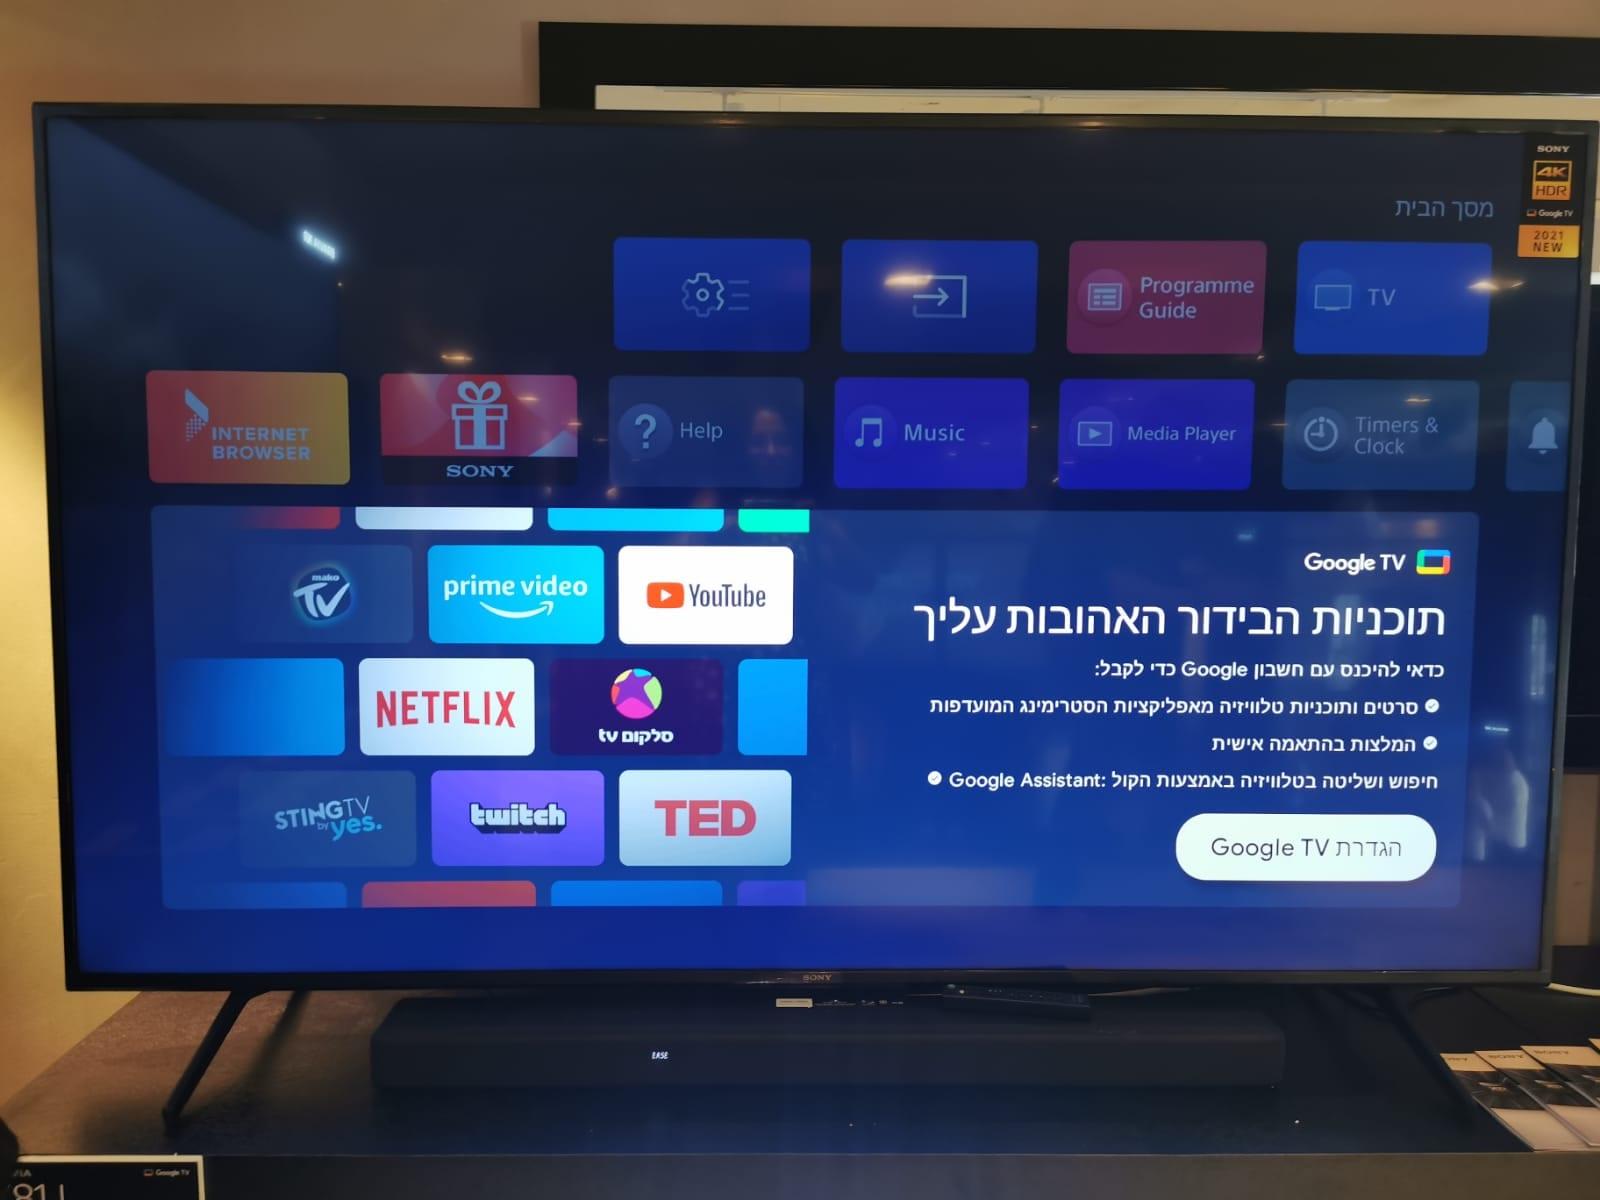 מערכת הפעלה גוגל TV